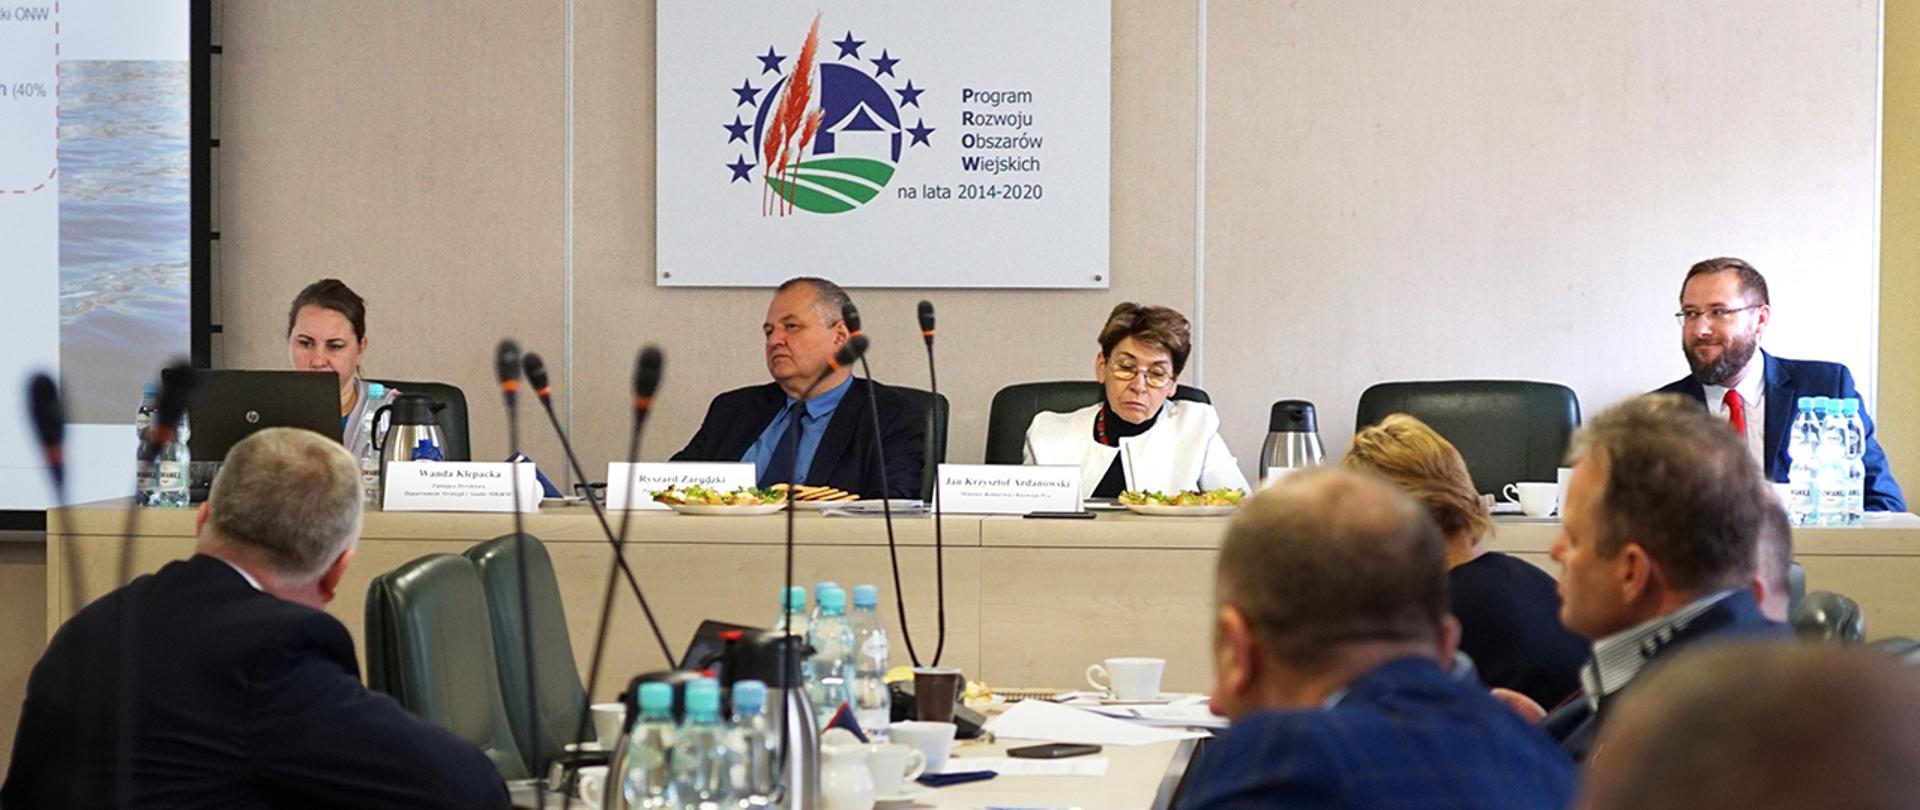 Programowanie rozwoju obszarów wiejskich ze środków europejskich w perspektywie 2021-2027